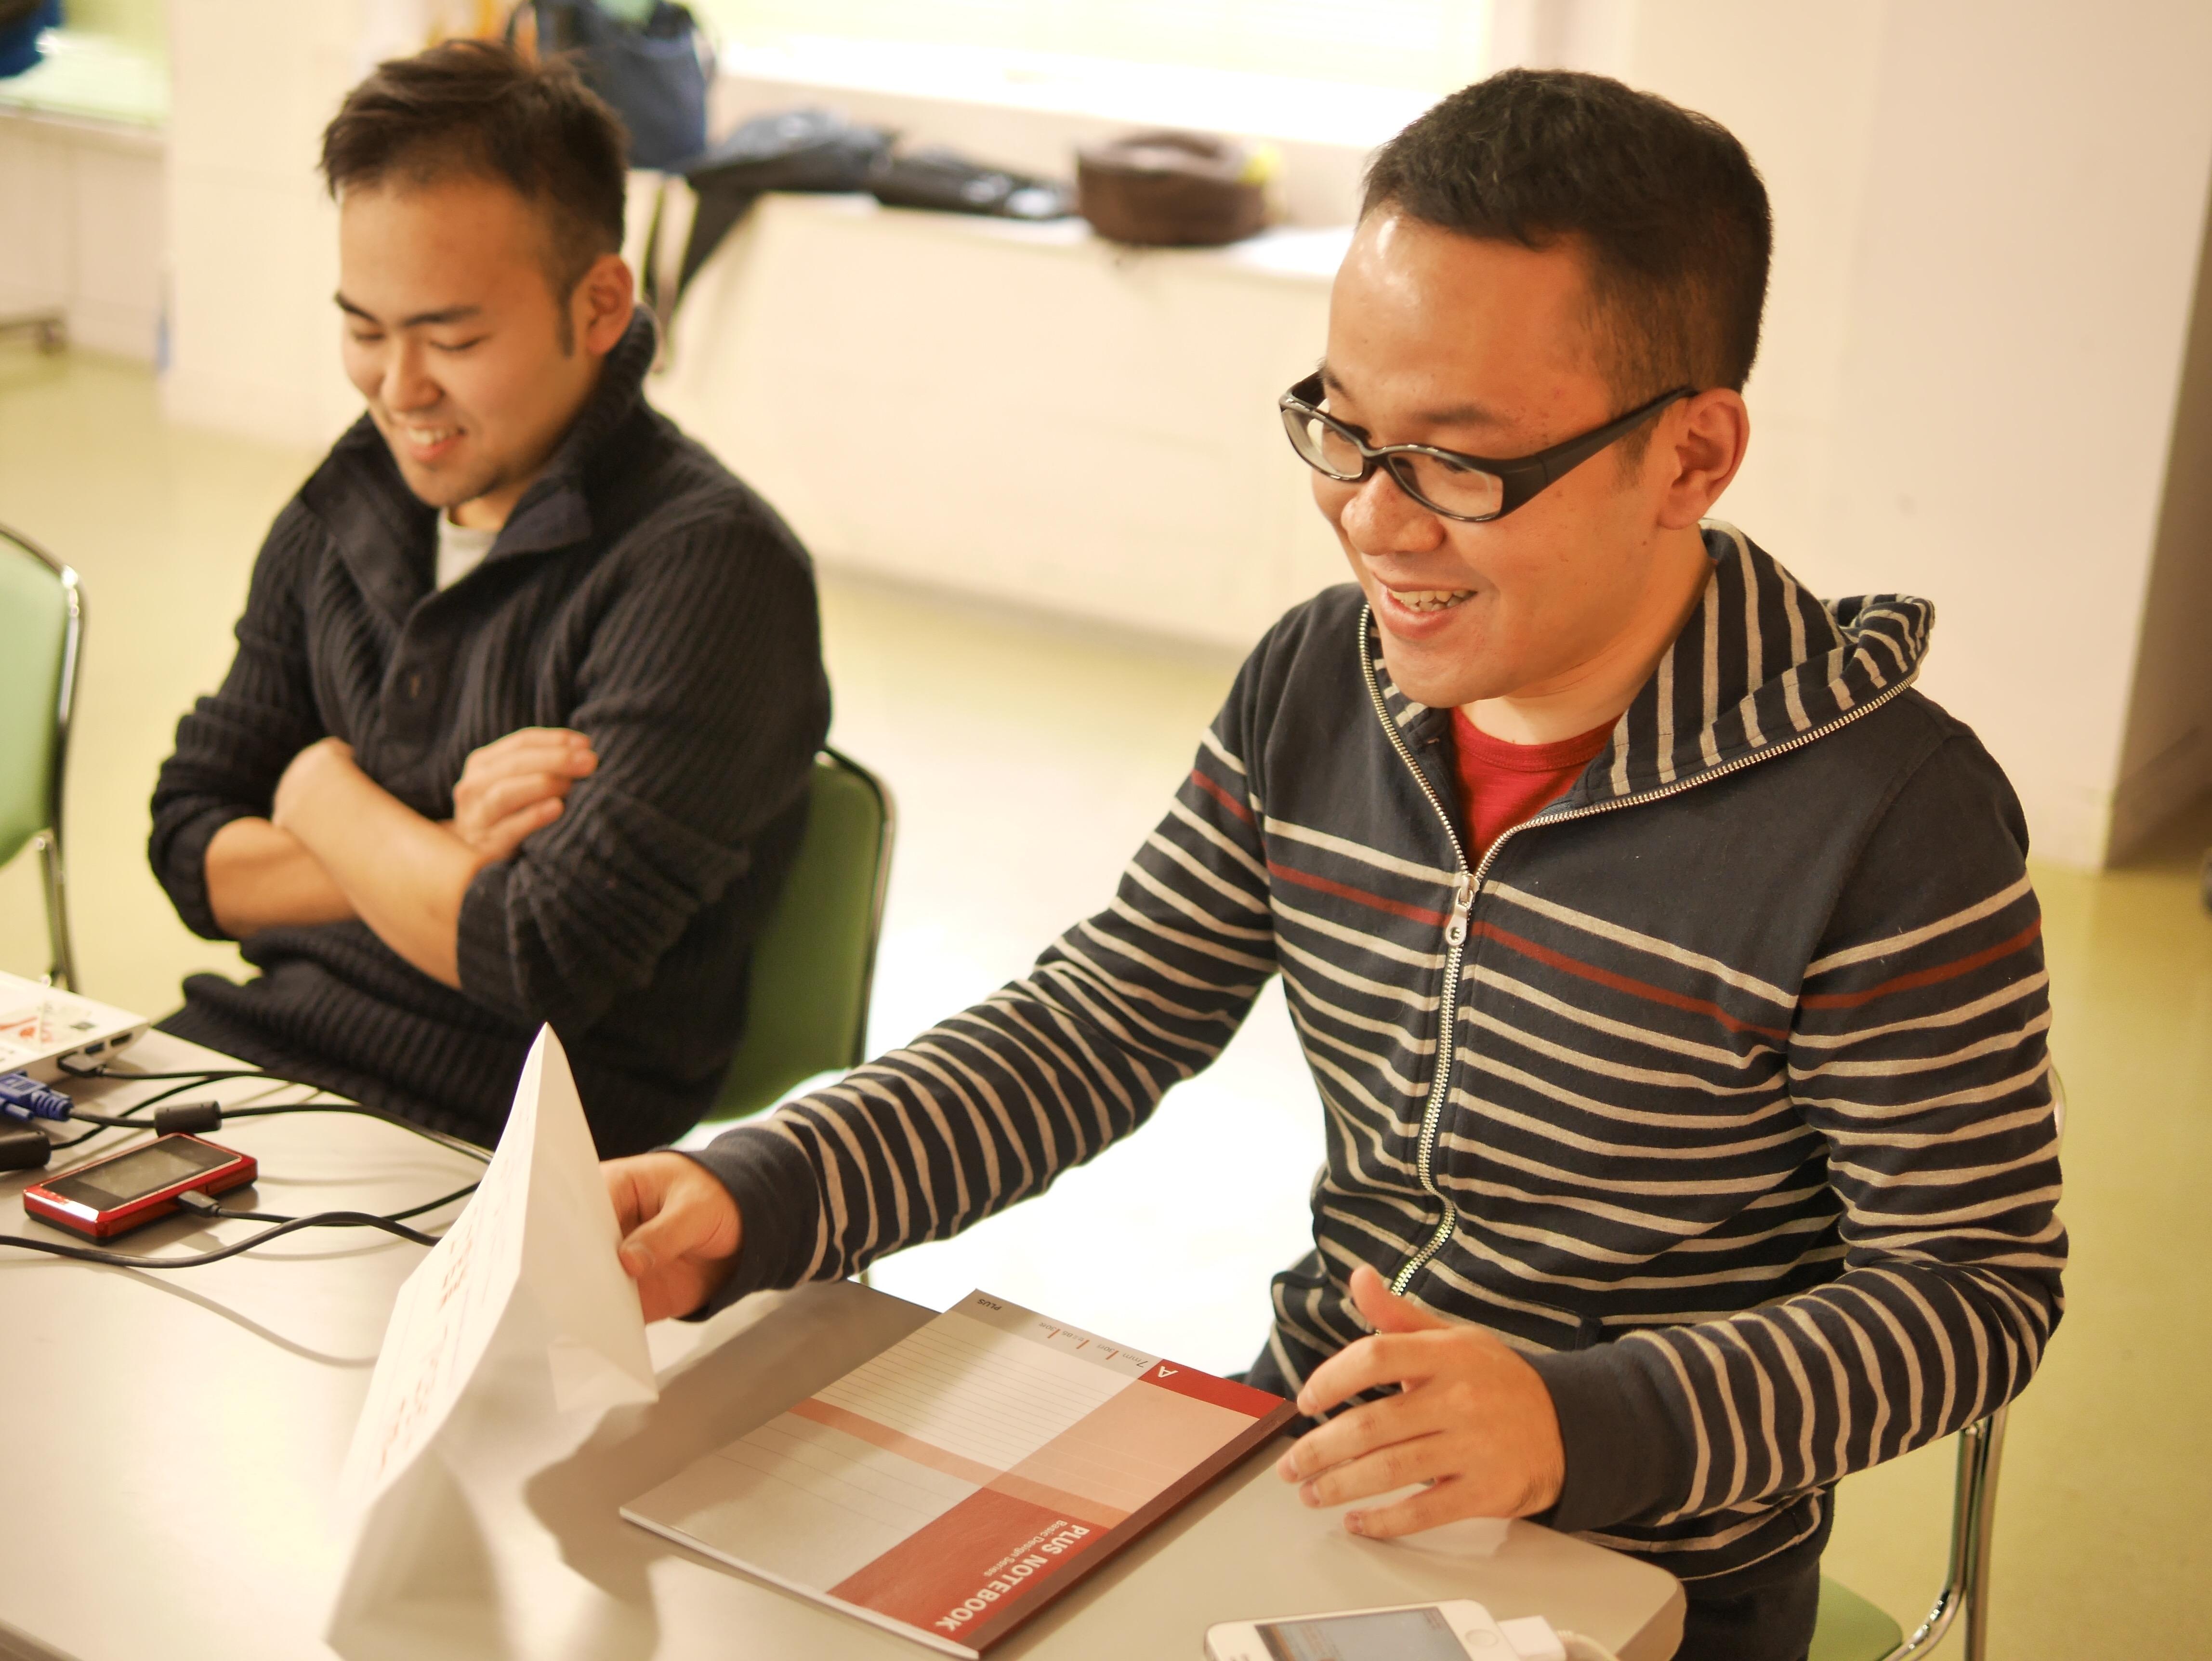 【2015年2月定例会レポート】2枚目の名刺との合同プロジェクト報告&キャッチコピーブレスト